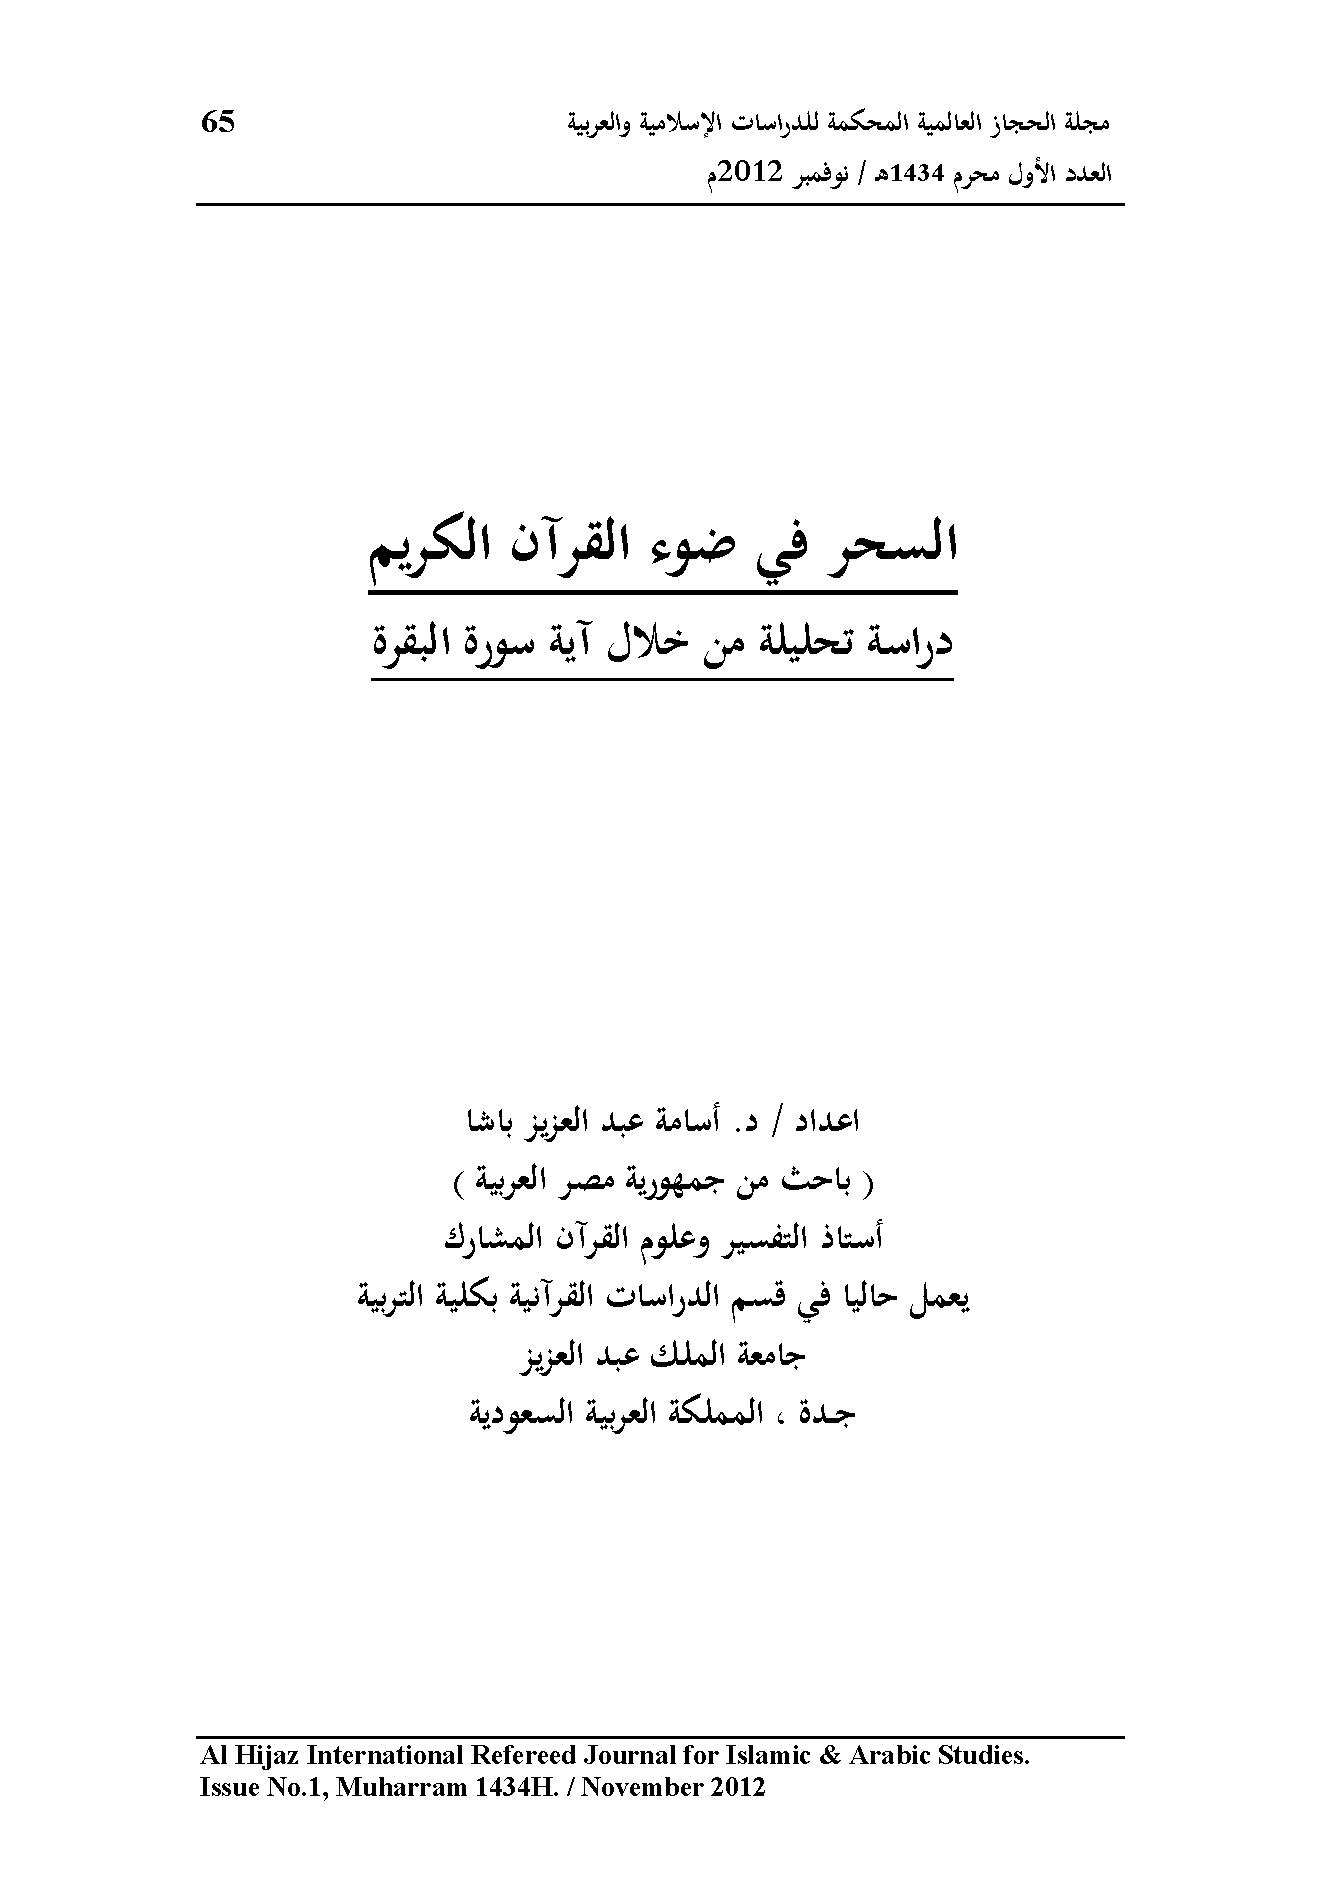 تحميل كتاب السحر في ضوء القرآن الكريم (دراسة تحليلية من خلال آية سورة البقرة) لـِ: الدكتور أسامة عبد العزيز عطية باشا